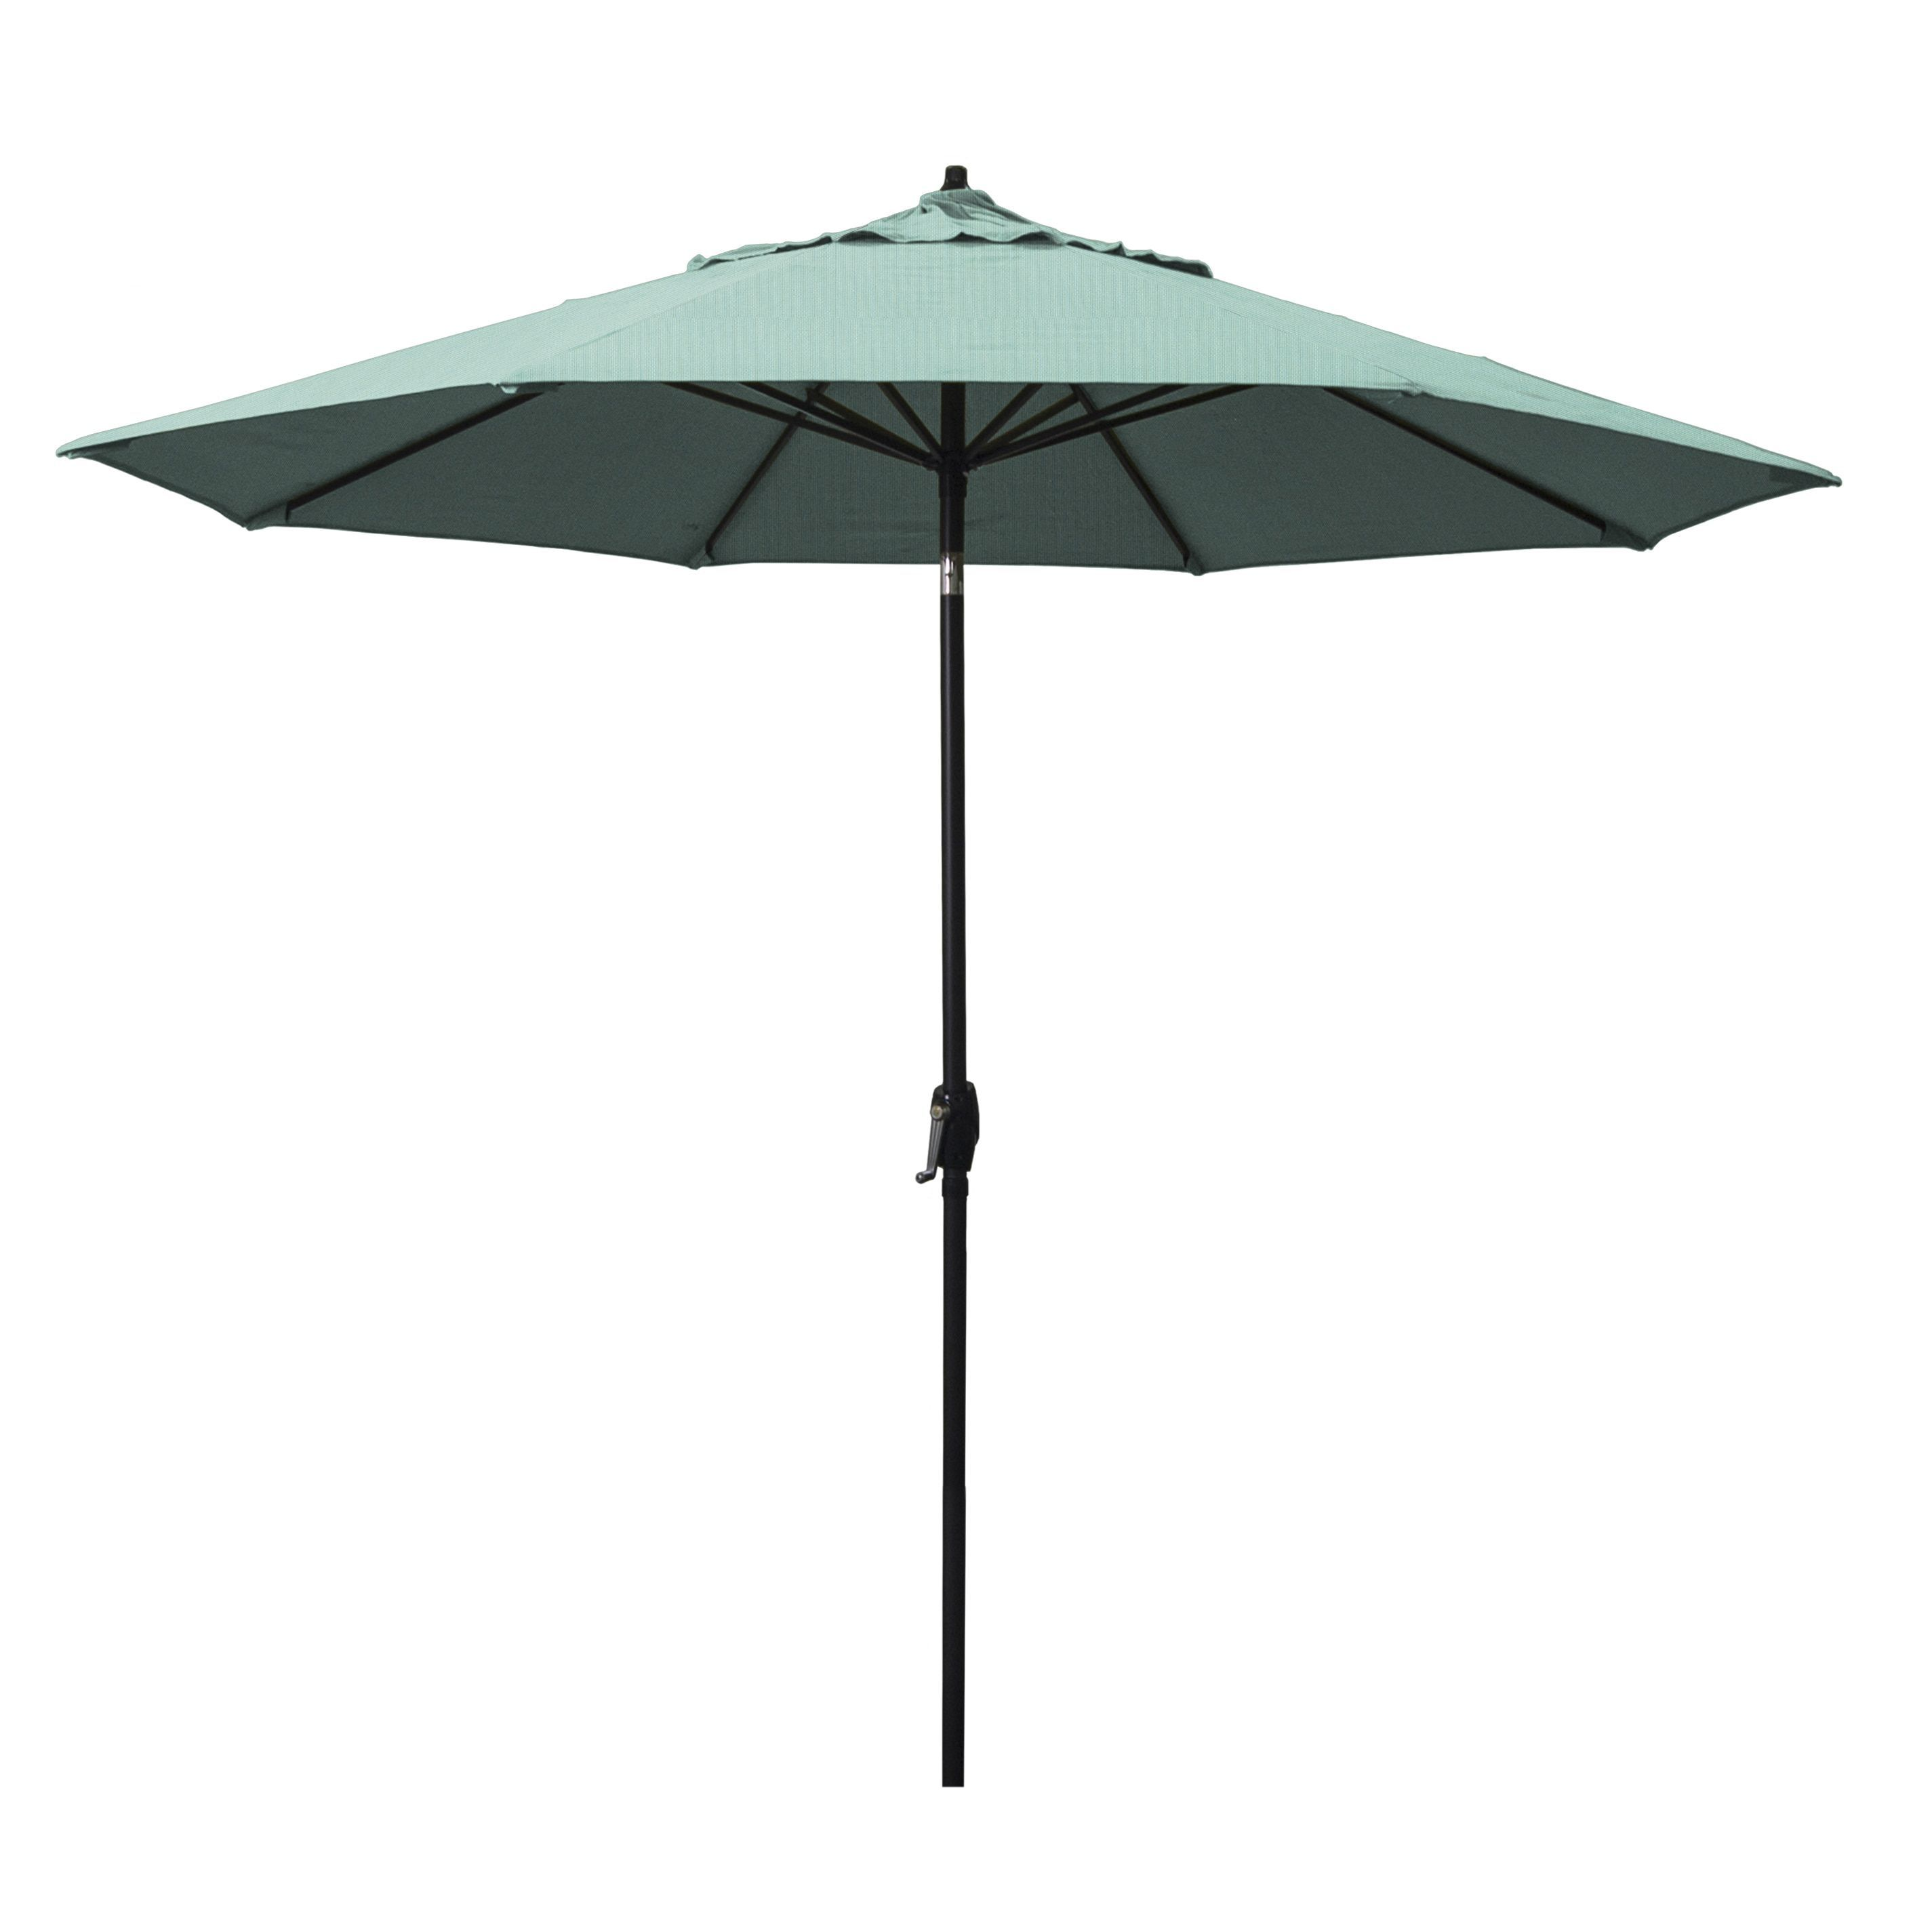 Astella 9 Rd Crank Open Tilt Aluminum Market Umbrella